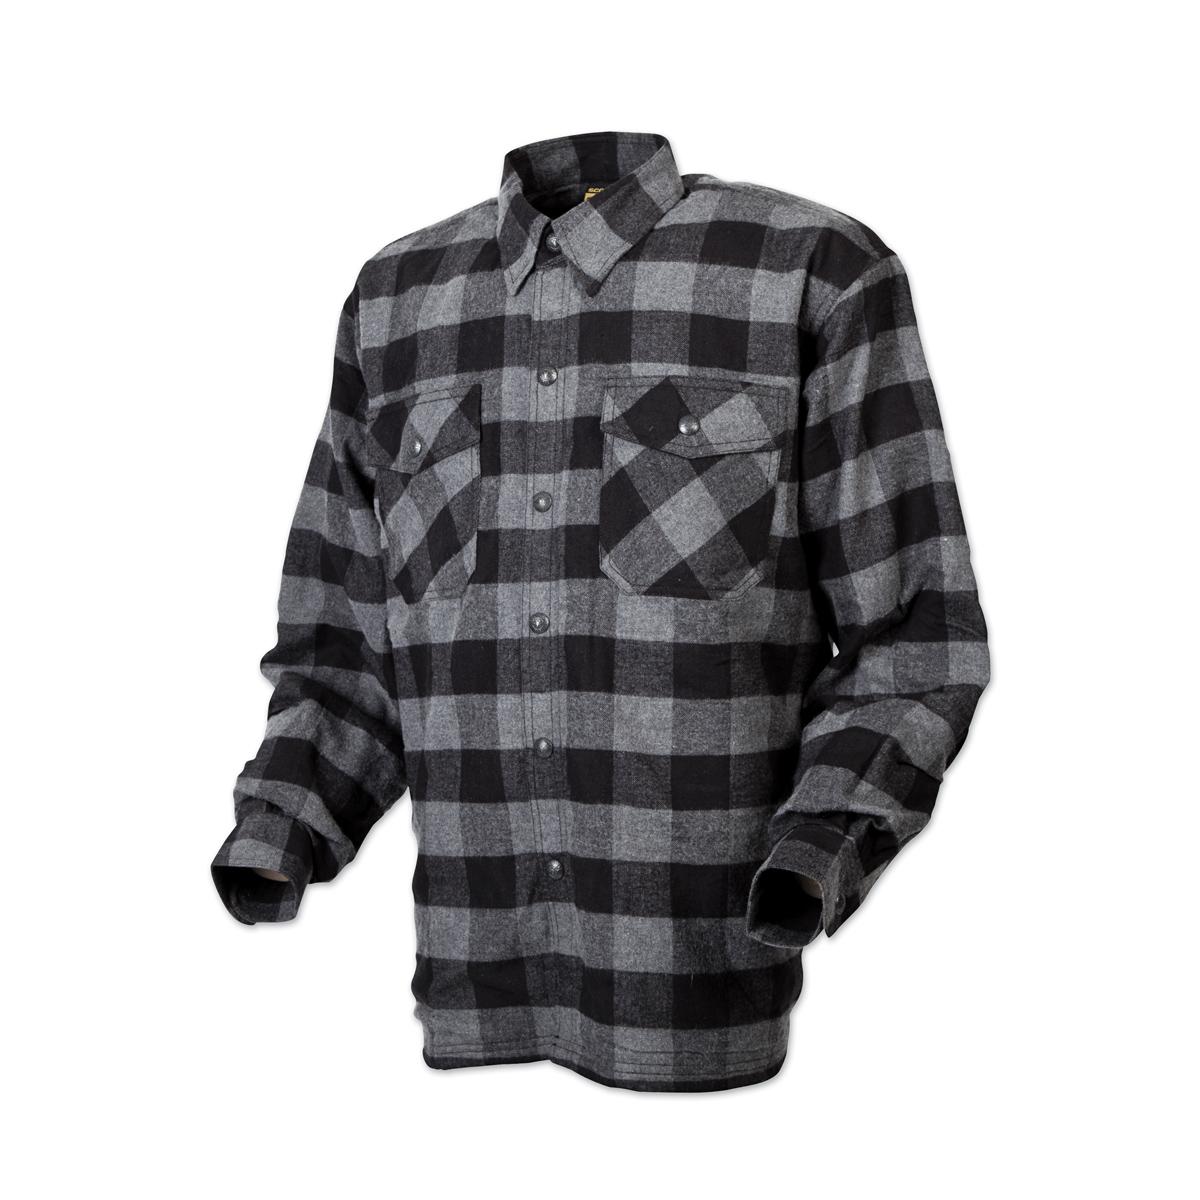 Scorpion EXO Men's Covert Black/Gray Flannel Shirt